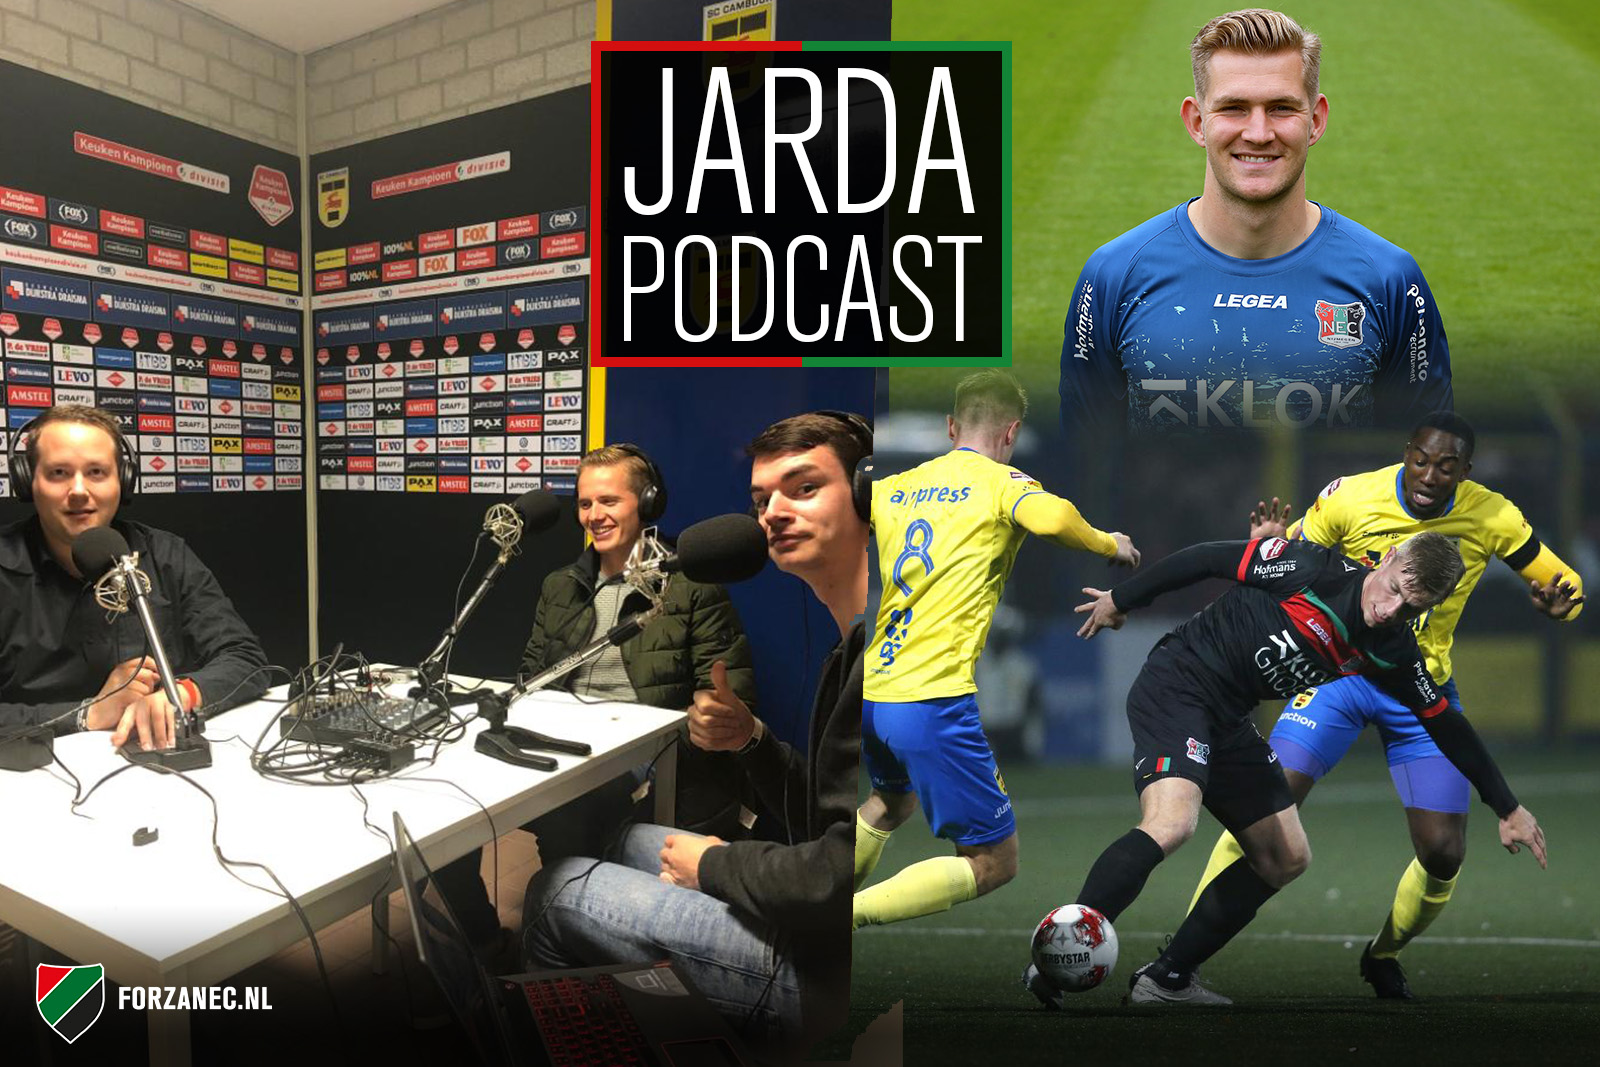 Jarda Podcast #26: Vanuit de bezemkast over Cambuur-NEC